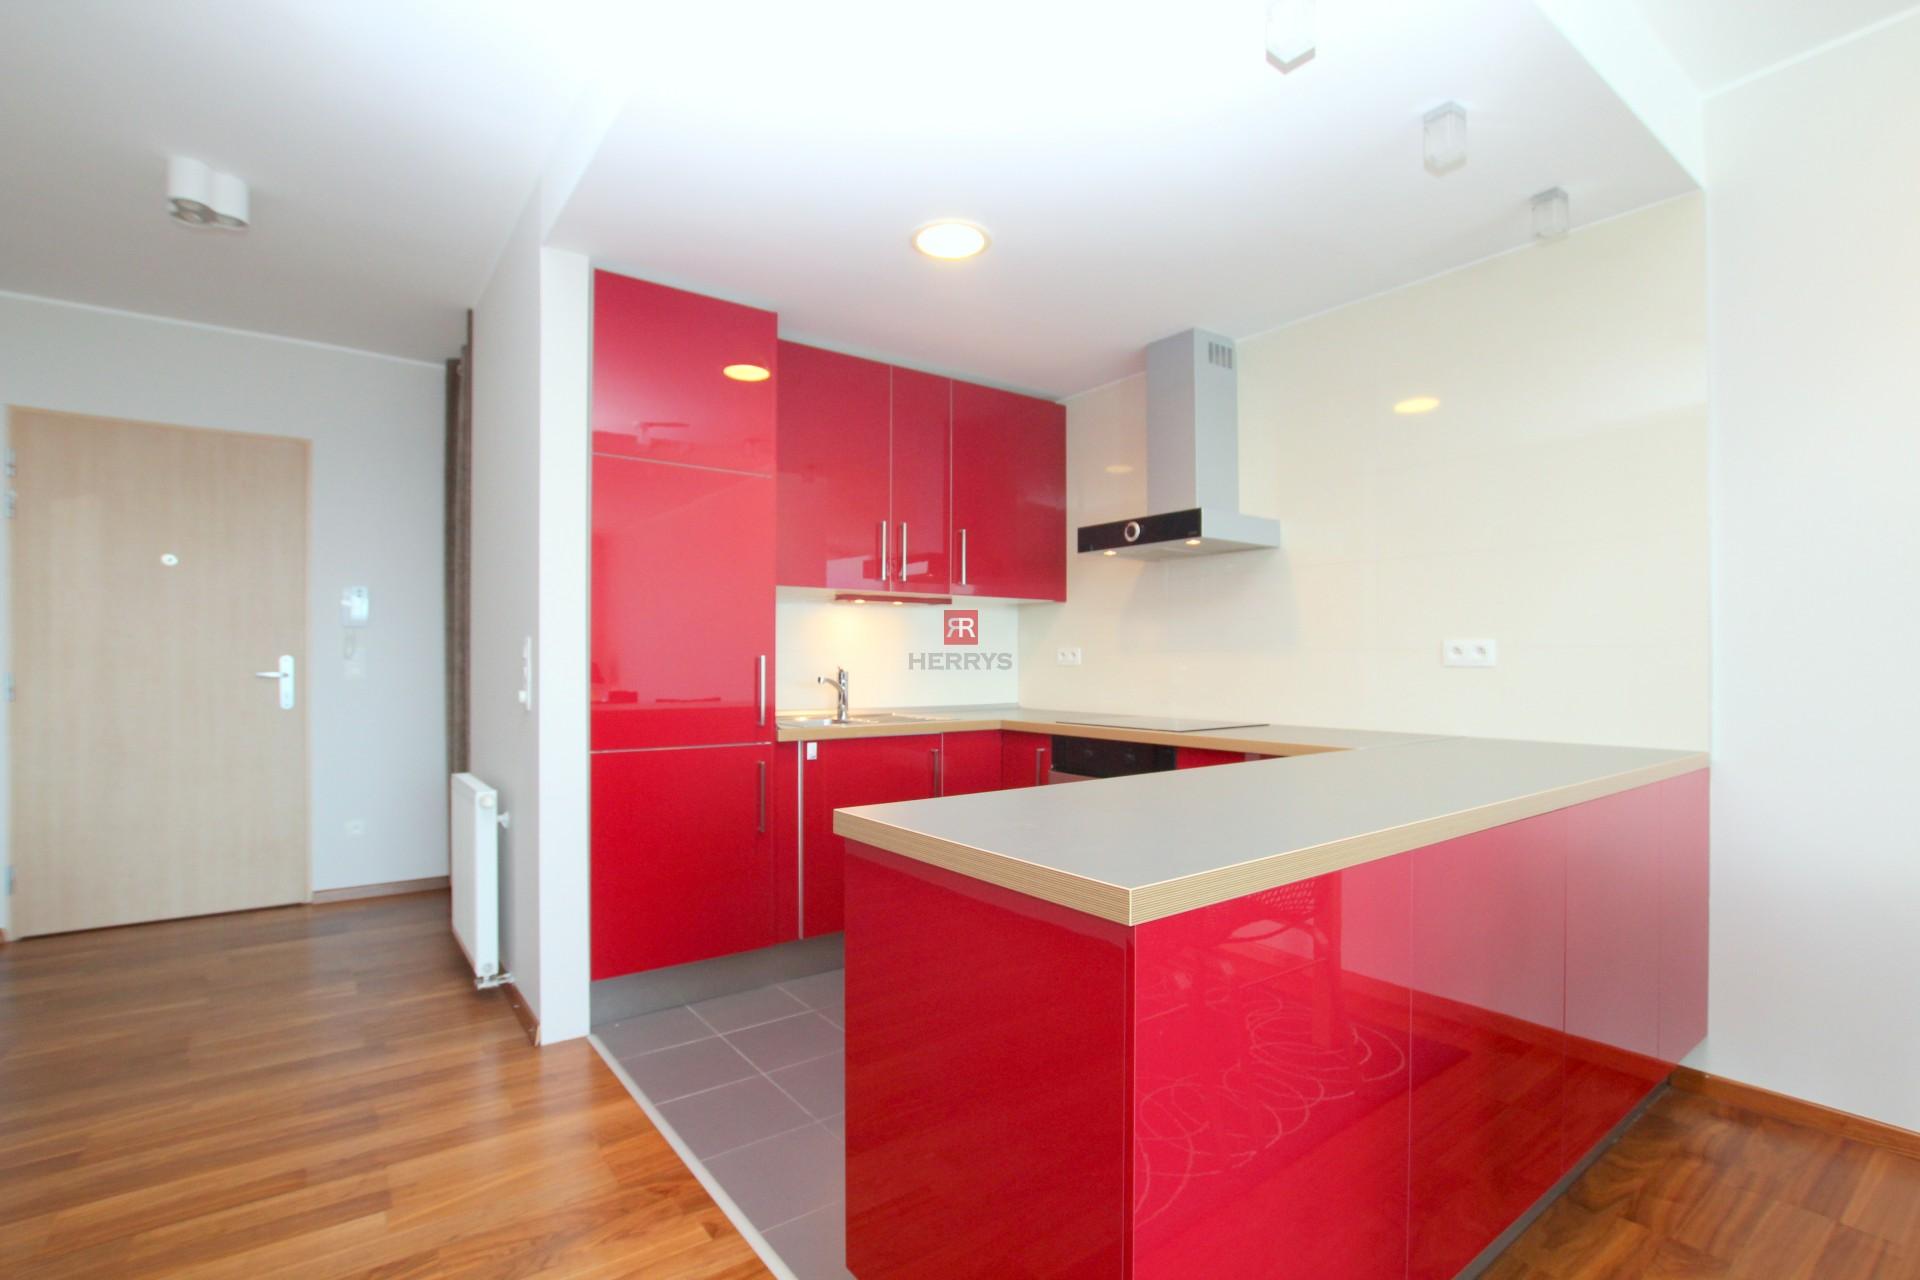 HERRYS - Na prenájom priestranný 3 izbový byt v projekte III Veže s výhľadom na mesto vrátane internetu, TV a garážového státia